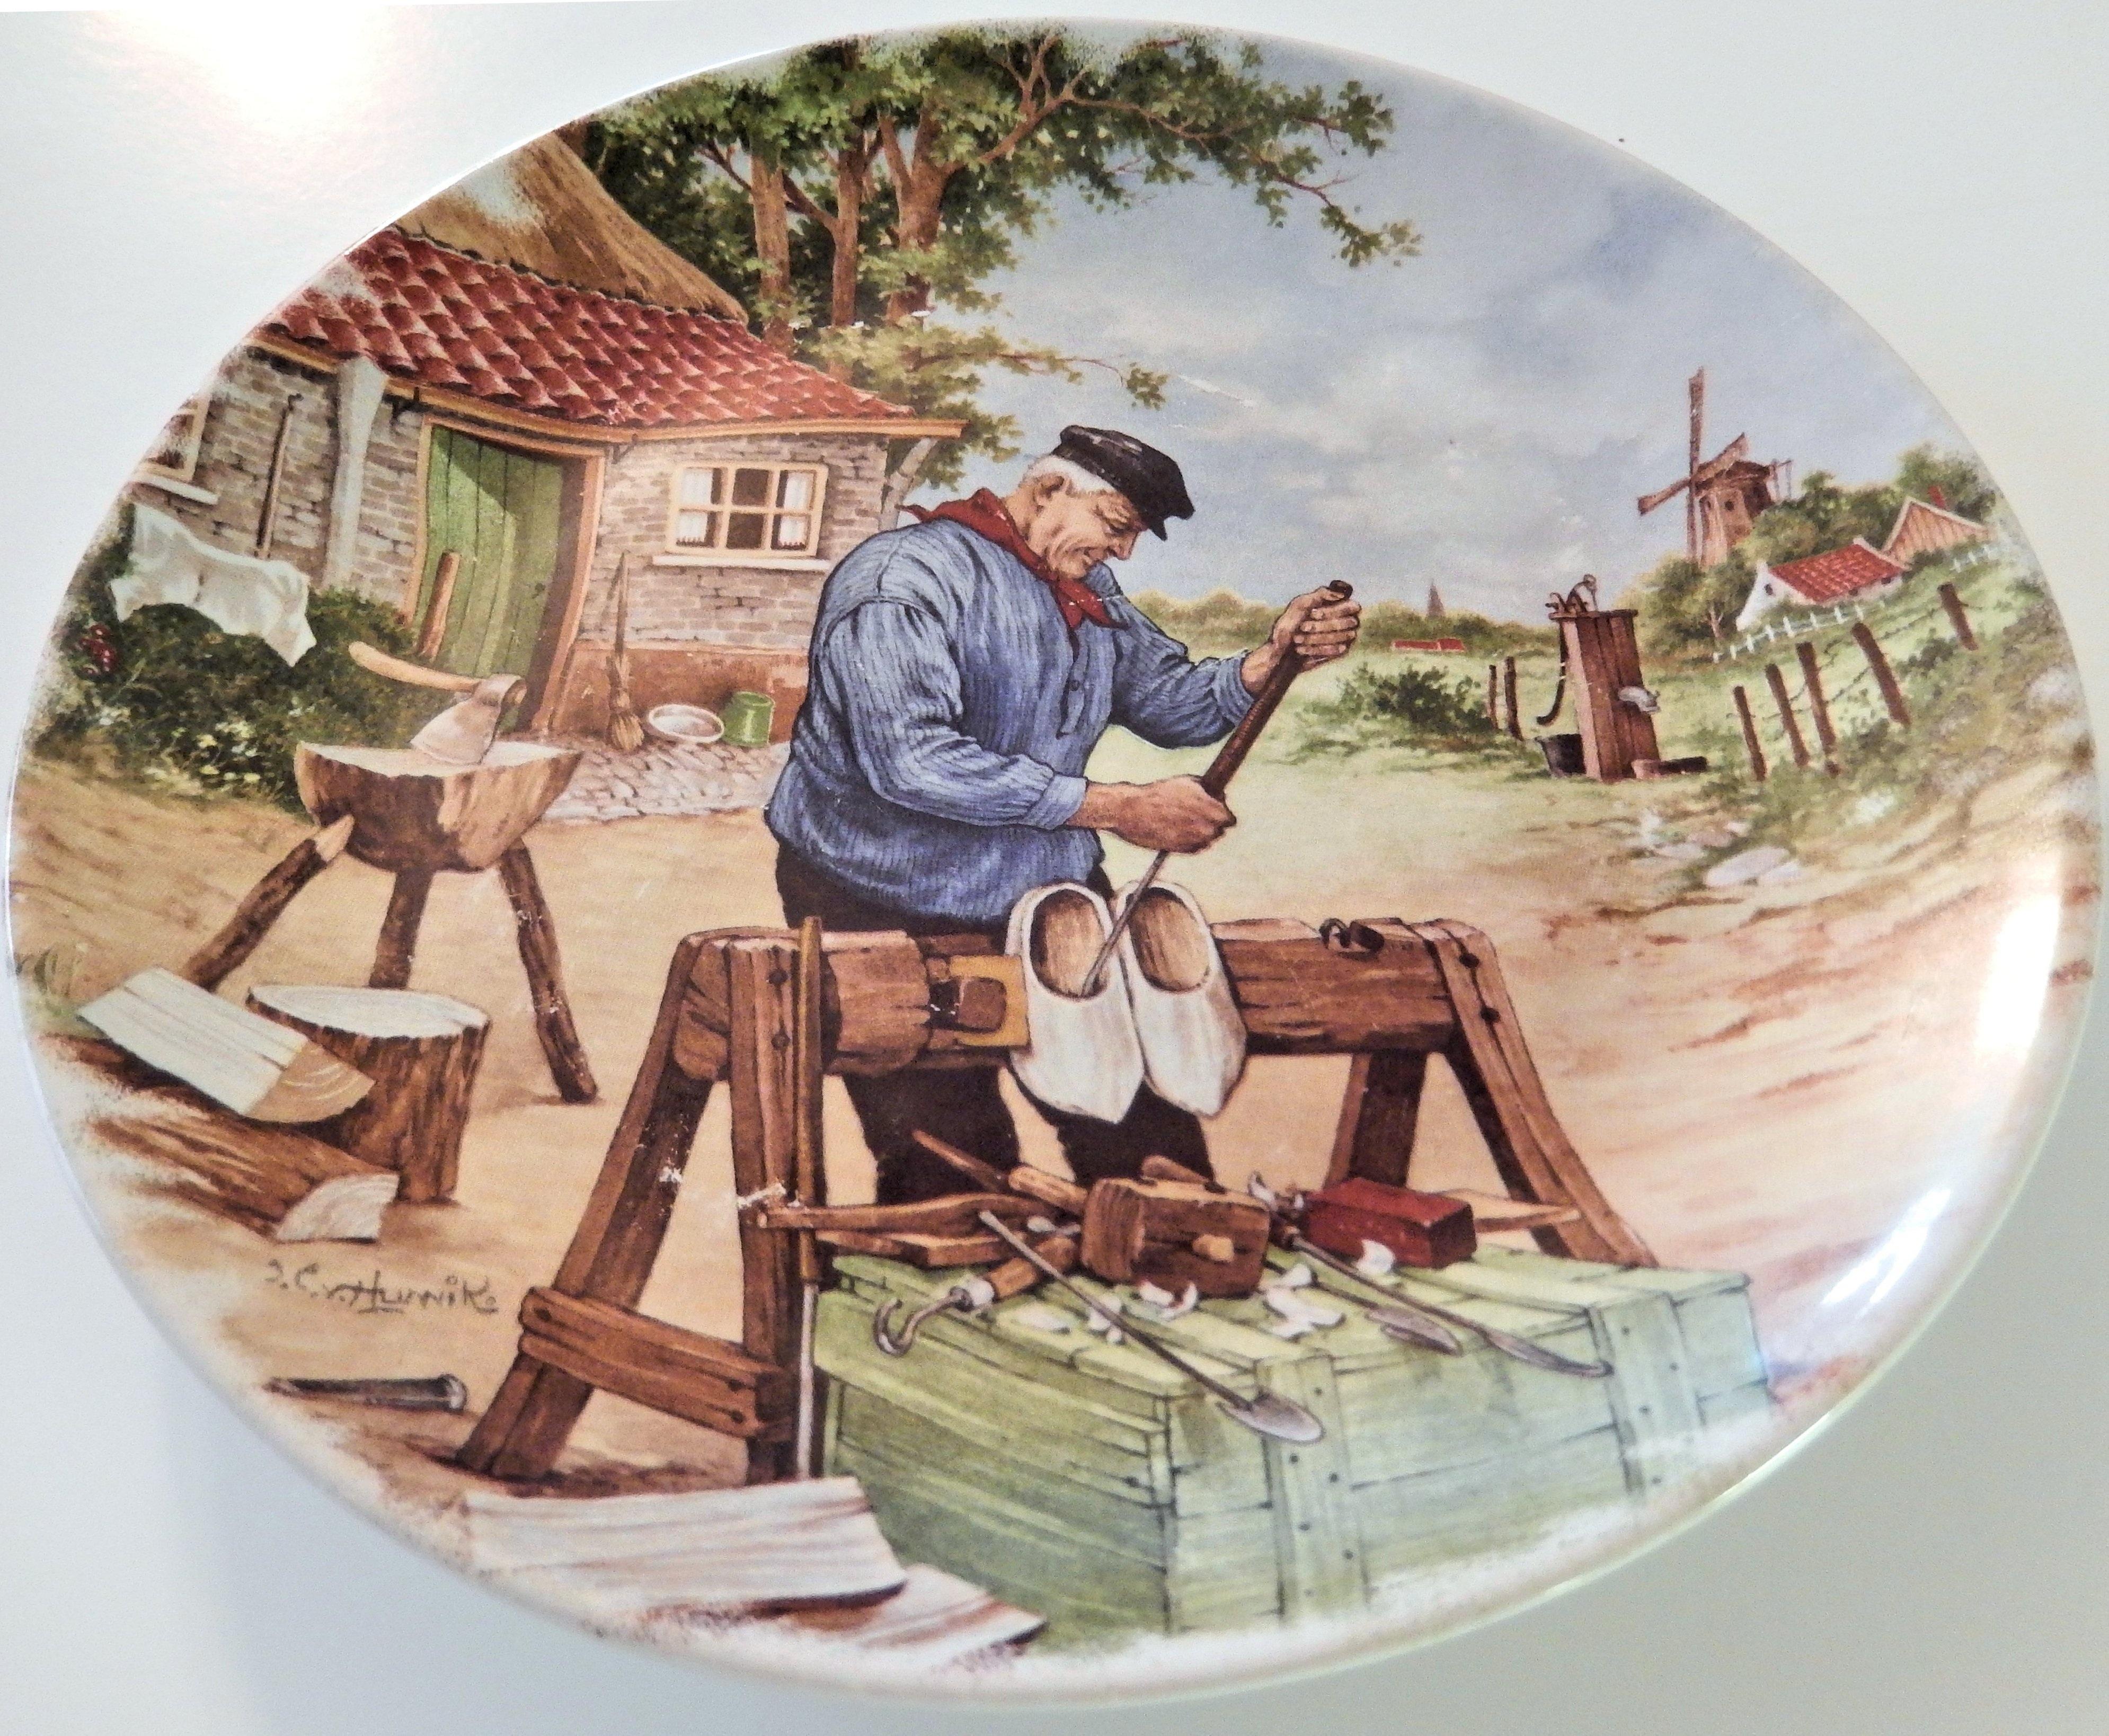 Gambar Dekorasi Lukisan Seni Sketsa Ilustrasi Kolase